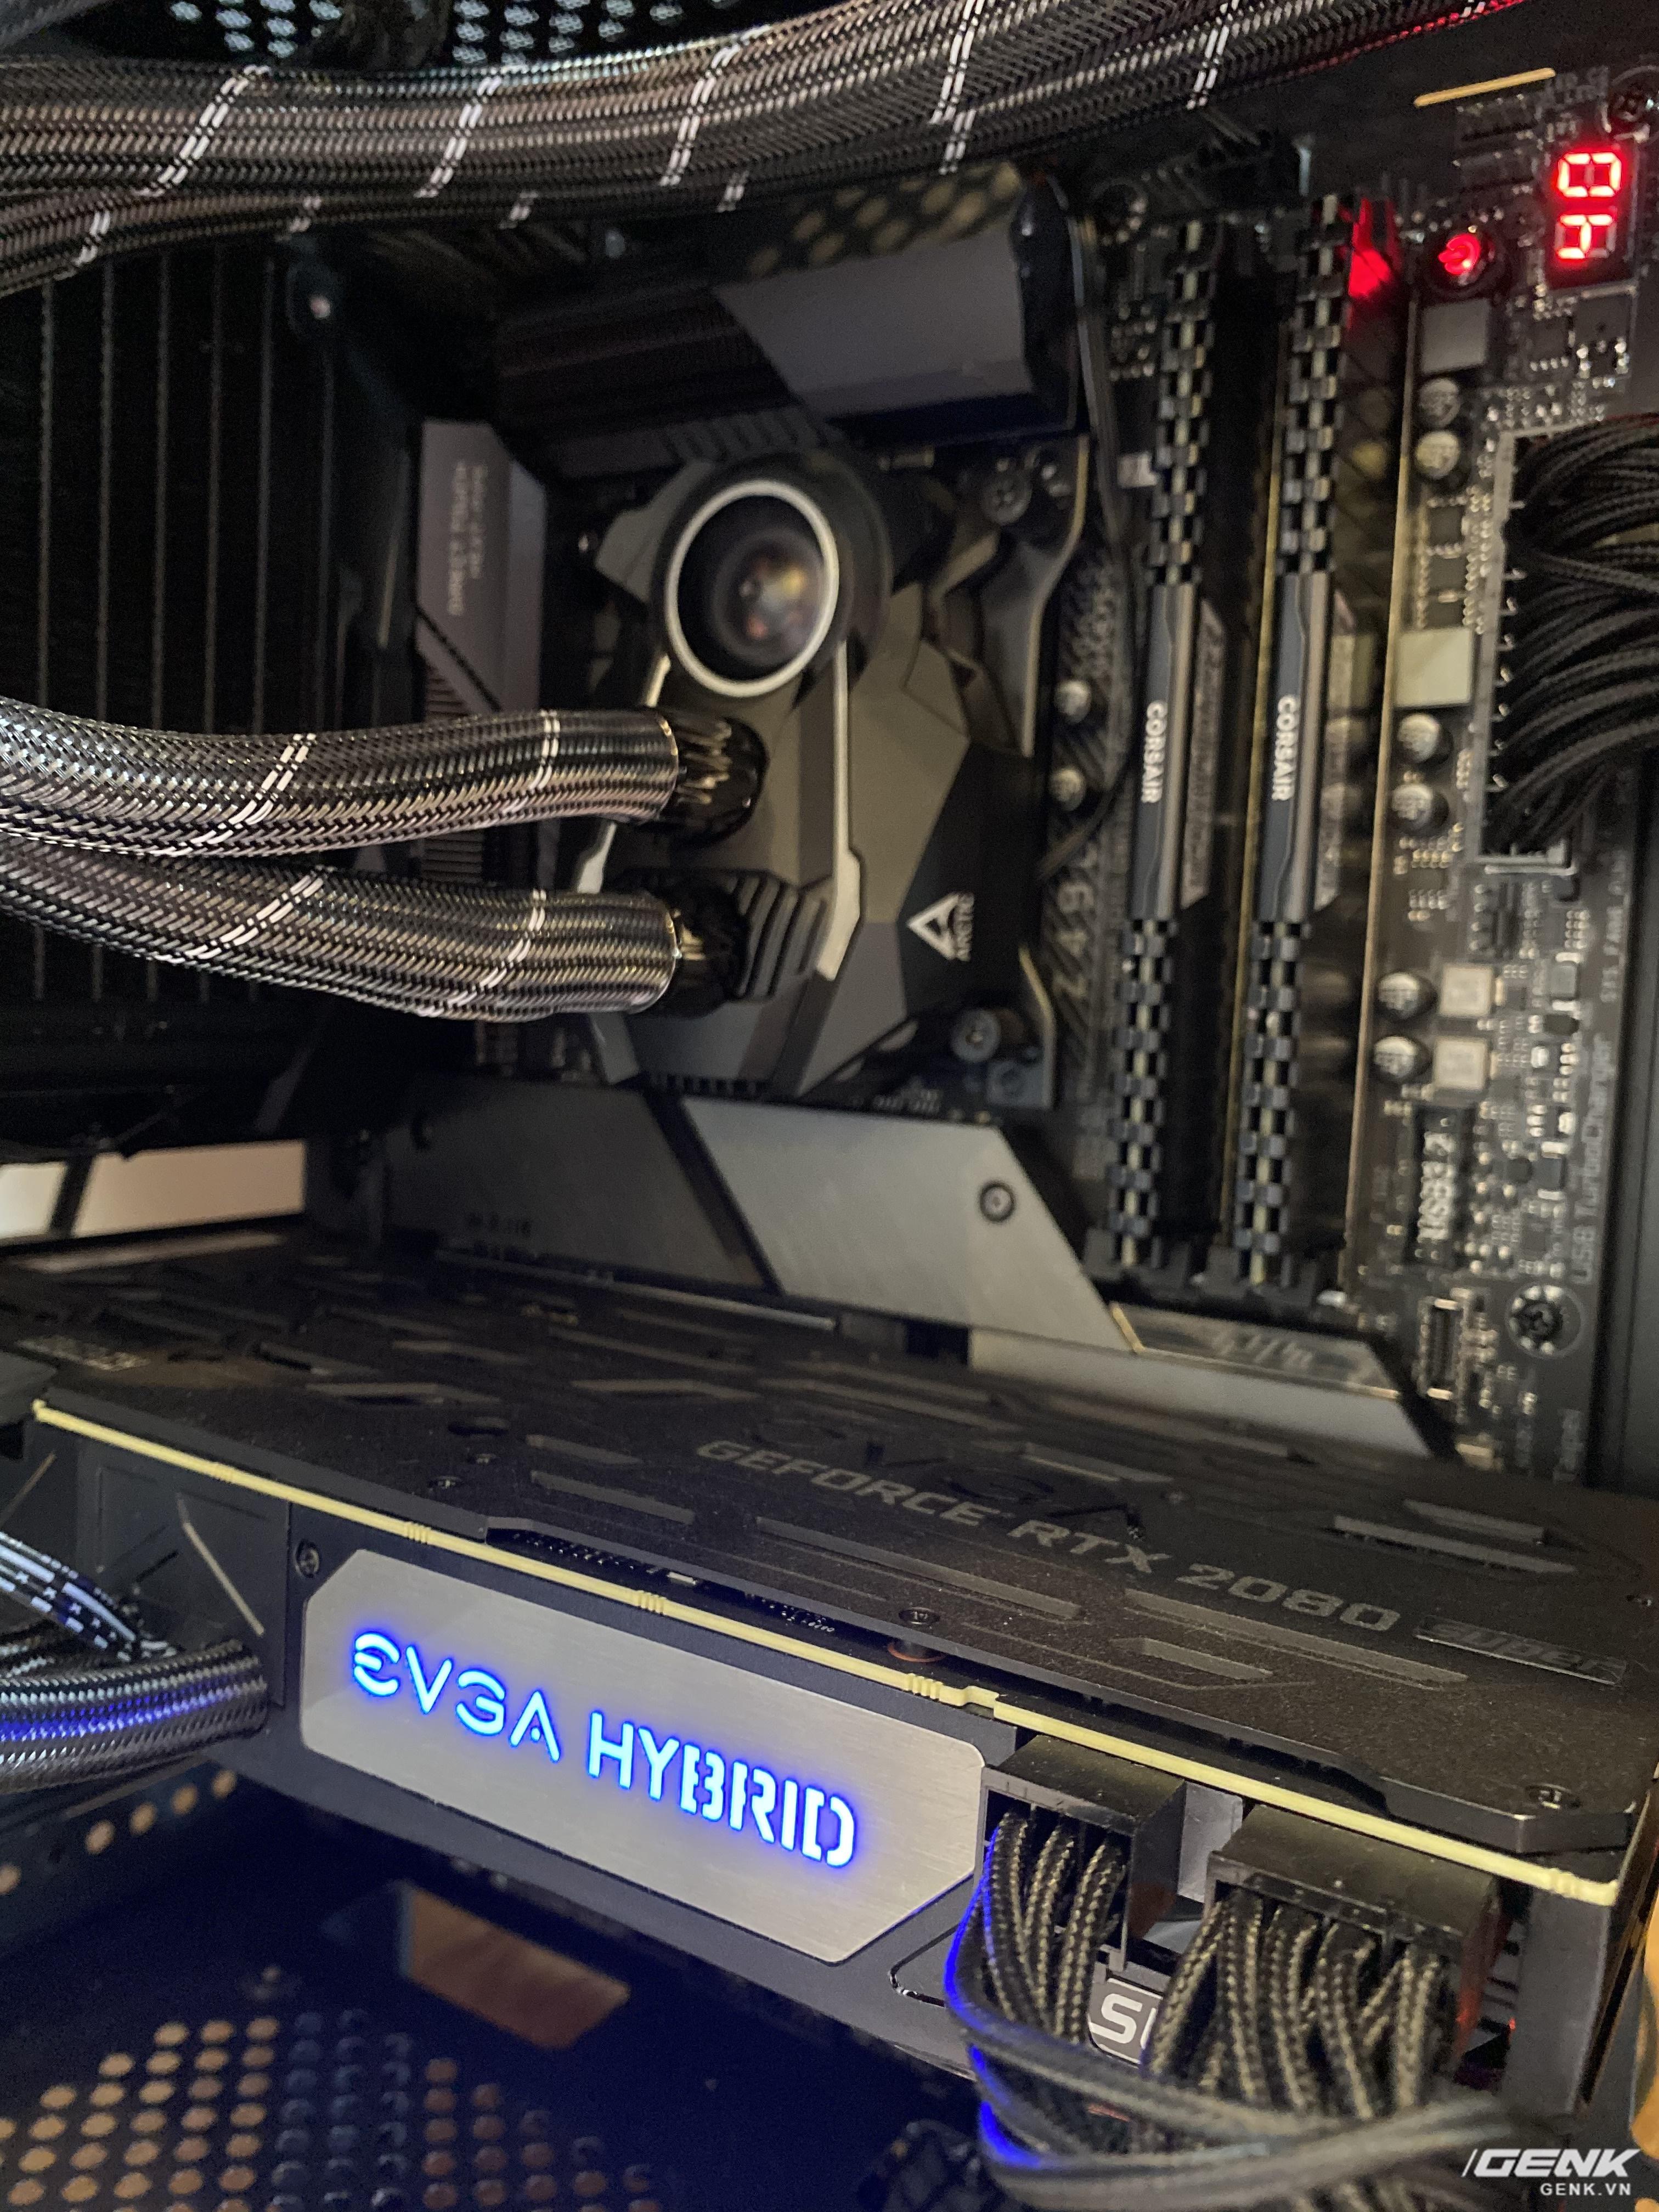 Đánh giá Intel Core i5-10600K: CPU chơi game hợp lý nhất hiện nay - Ảnh 3.